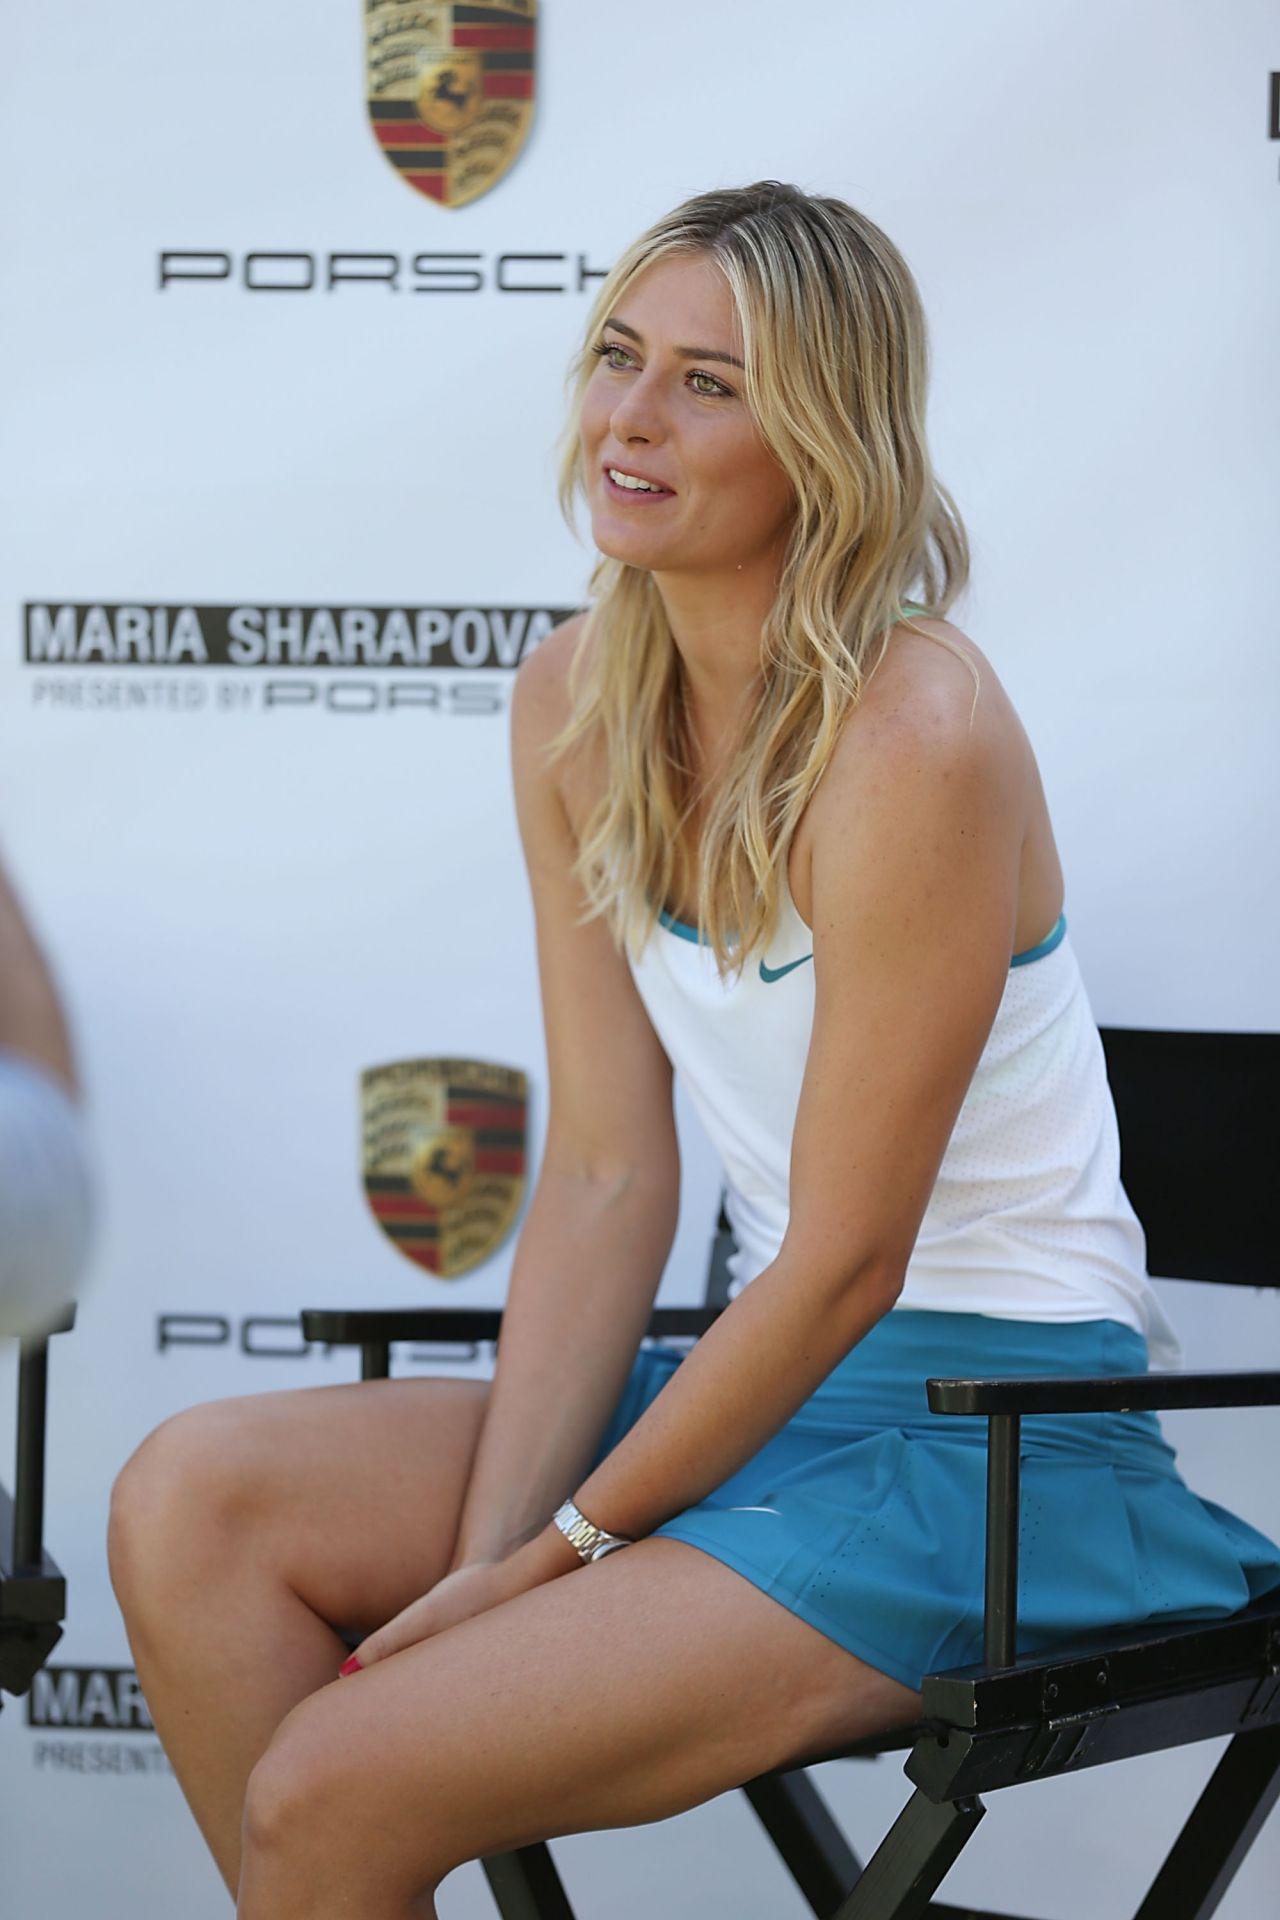 Maria Sharapova Maria Sharapova And Friends Presented By